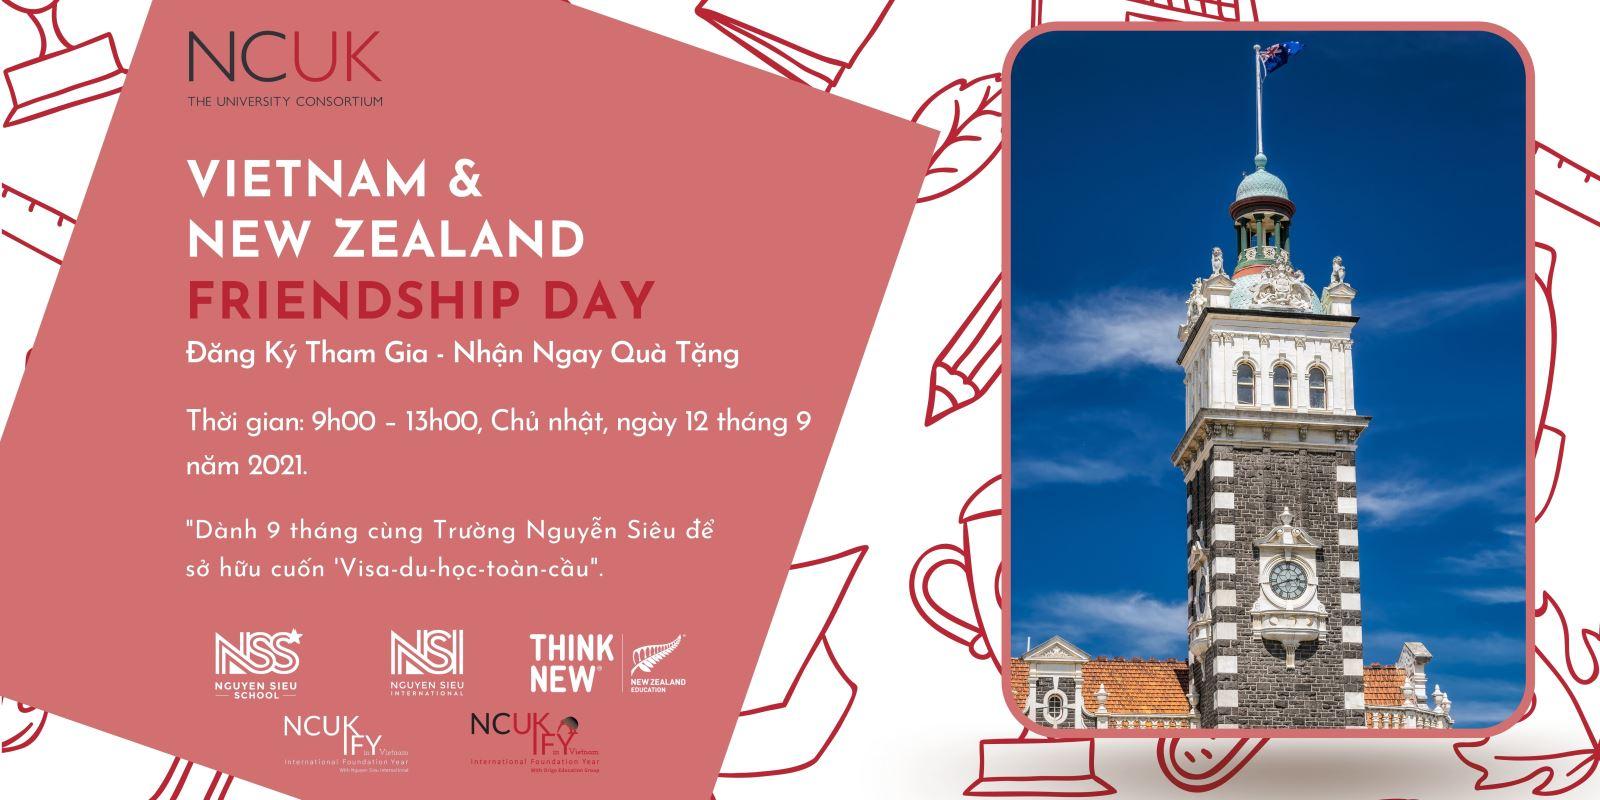 Ngày hội Friendship Day Việt Nam - New Zealand: cơ hội học bổng cho du học sinh